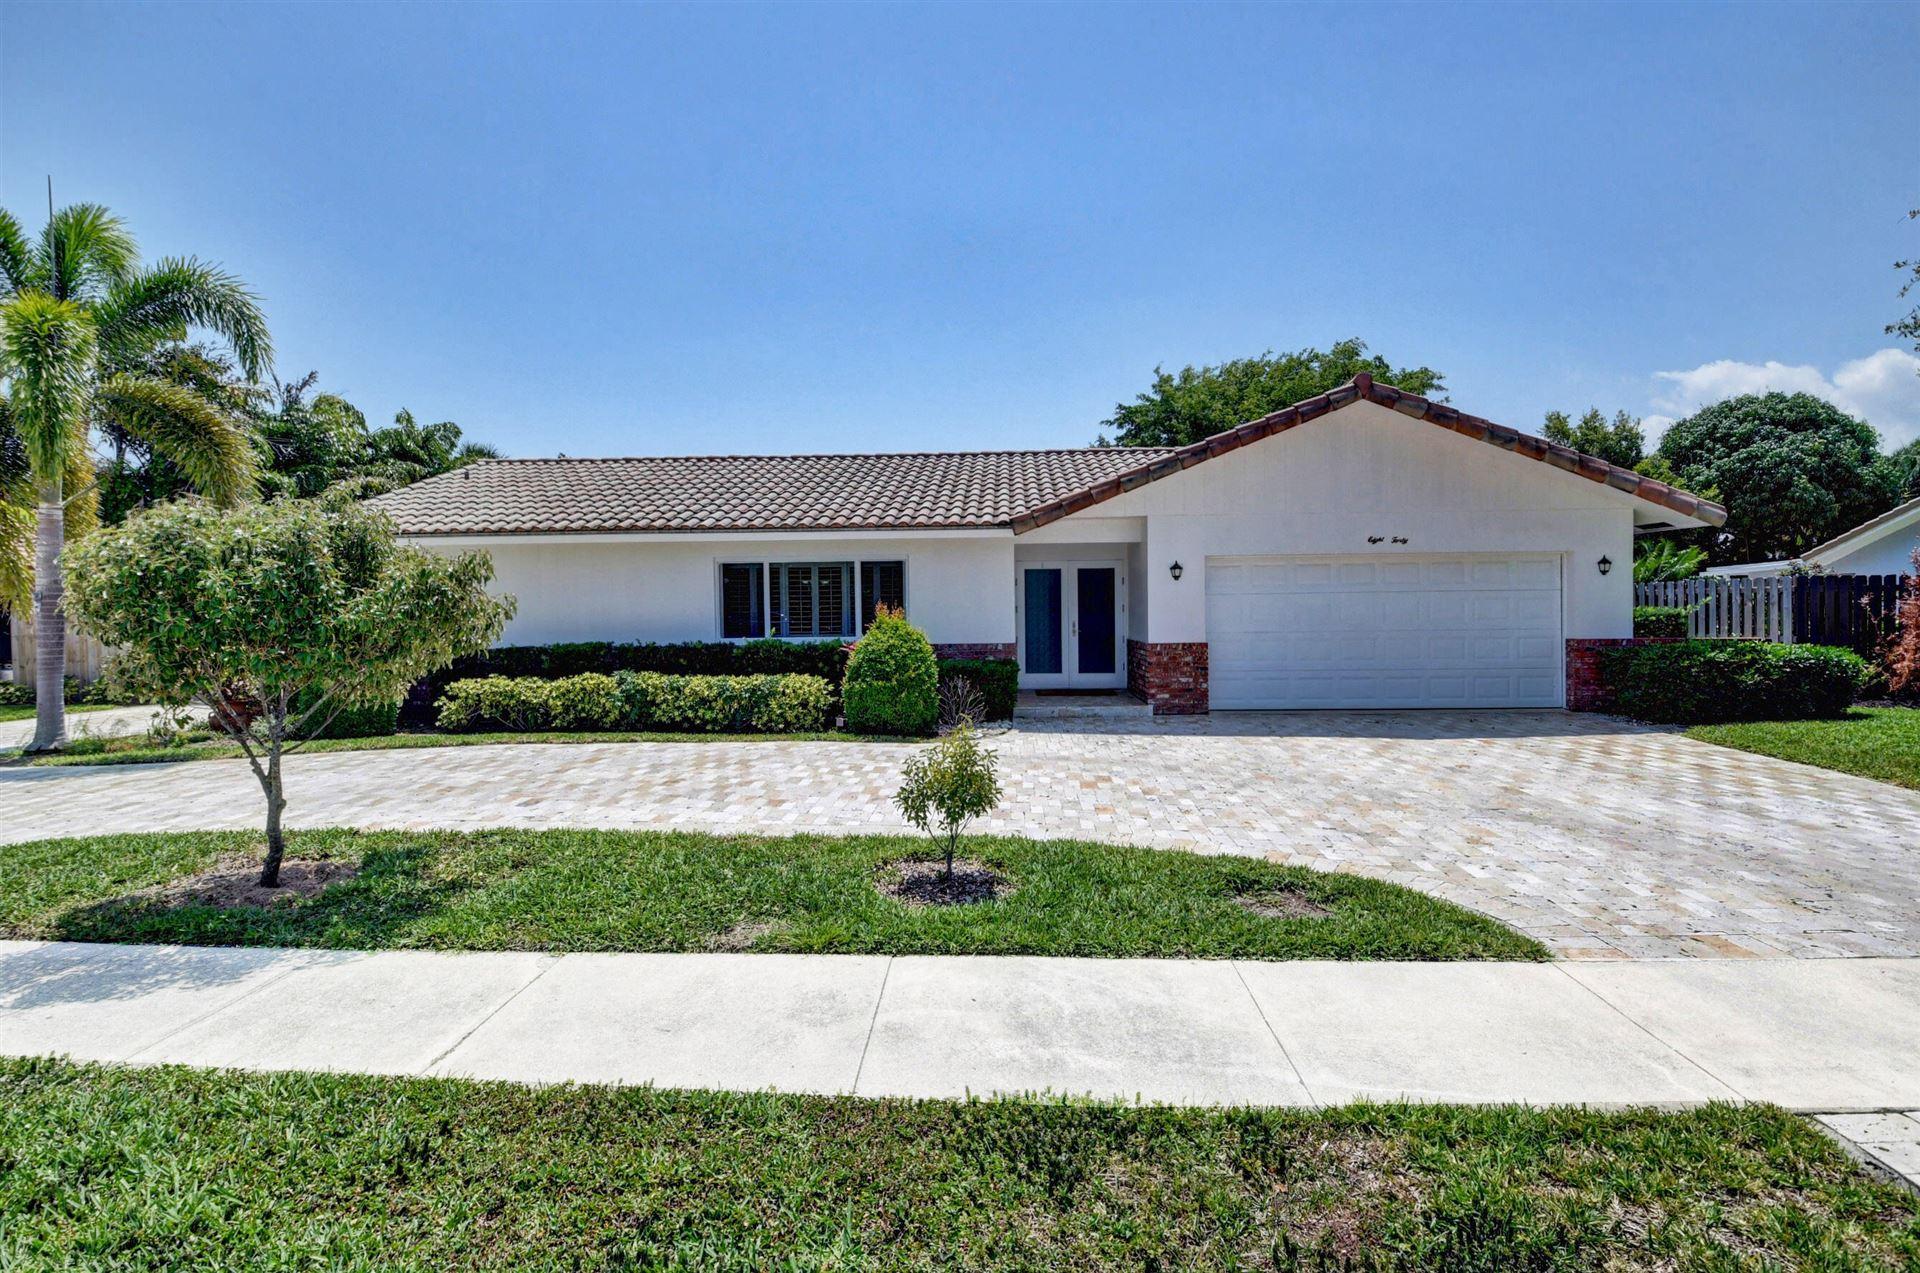 840 SW 14th Drive, Boca Raton, FL 33486 - MLS#: RX-10708896